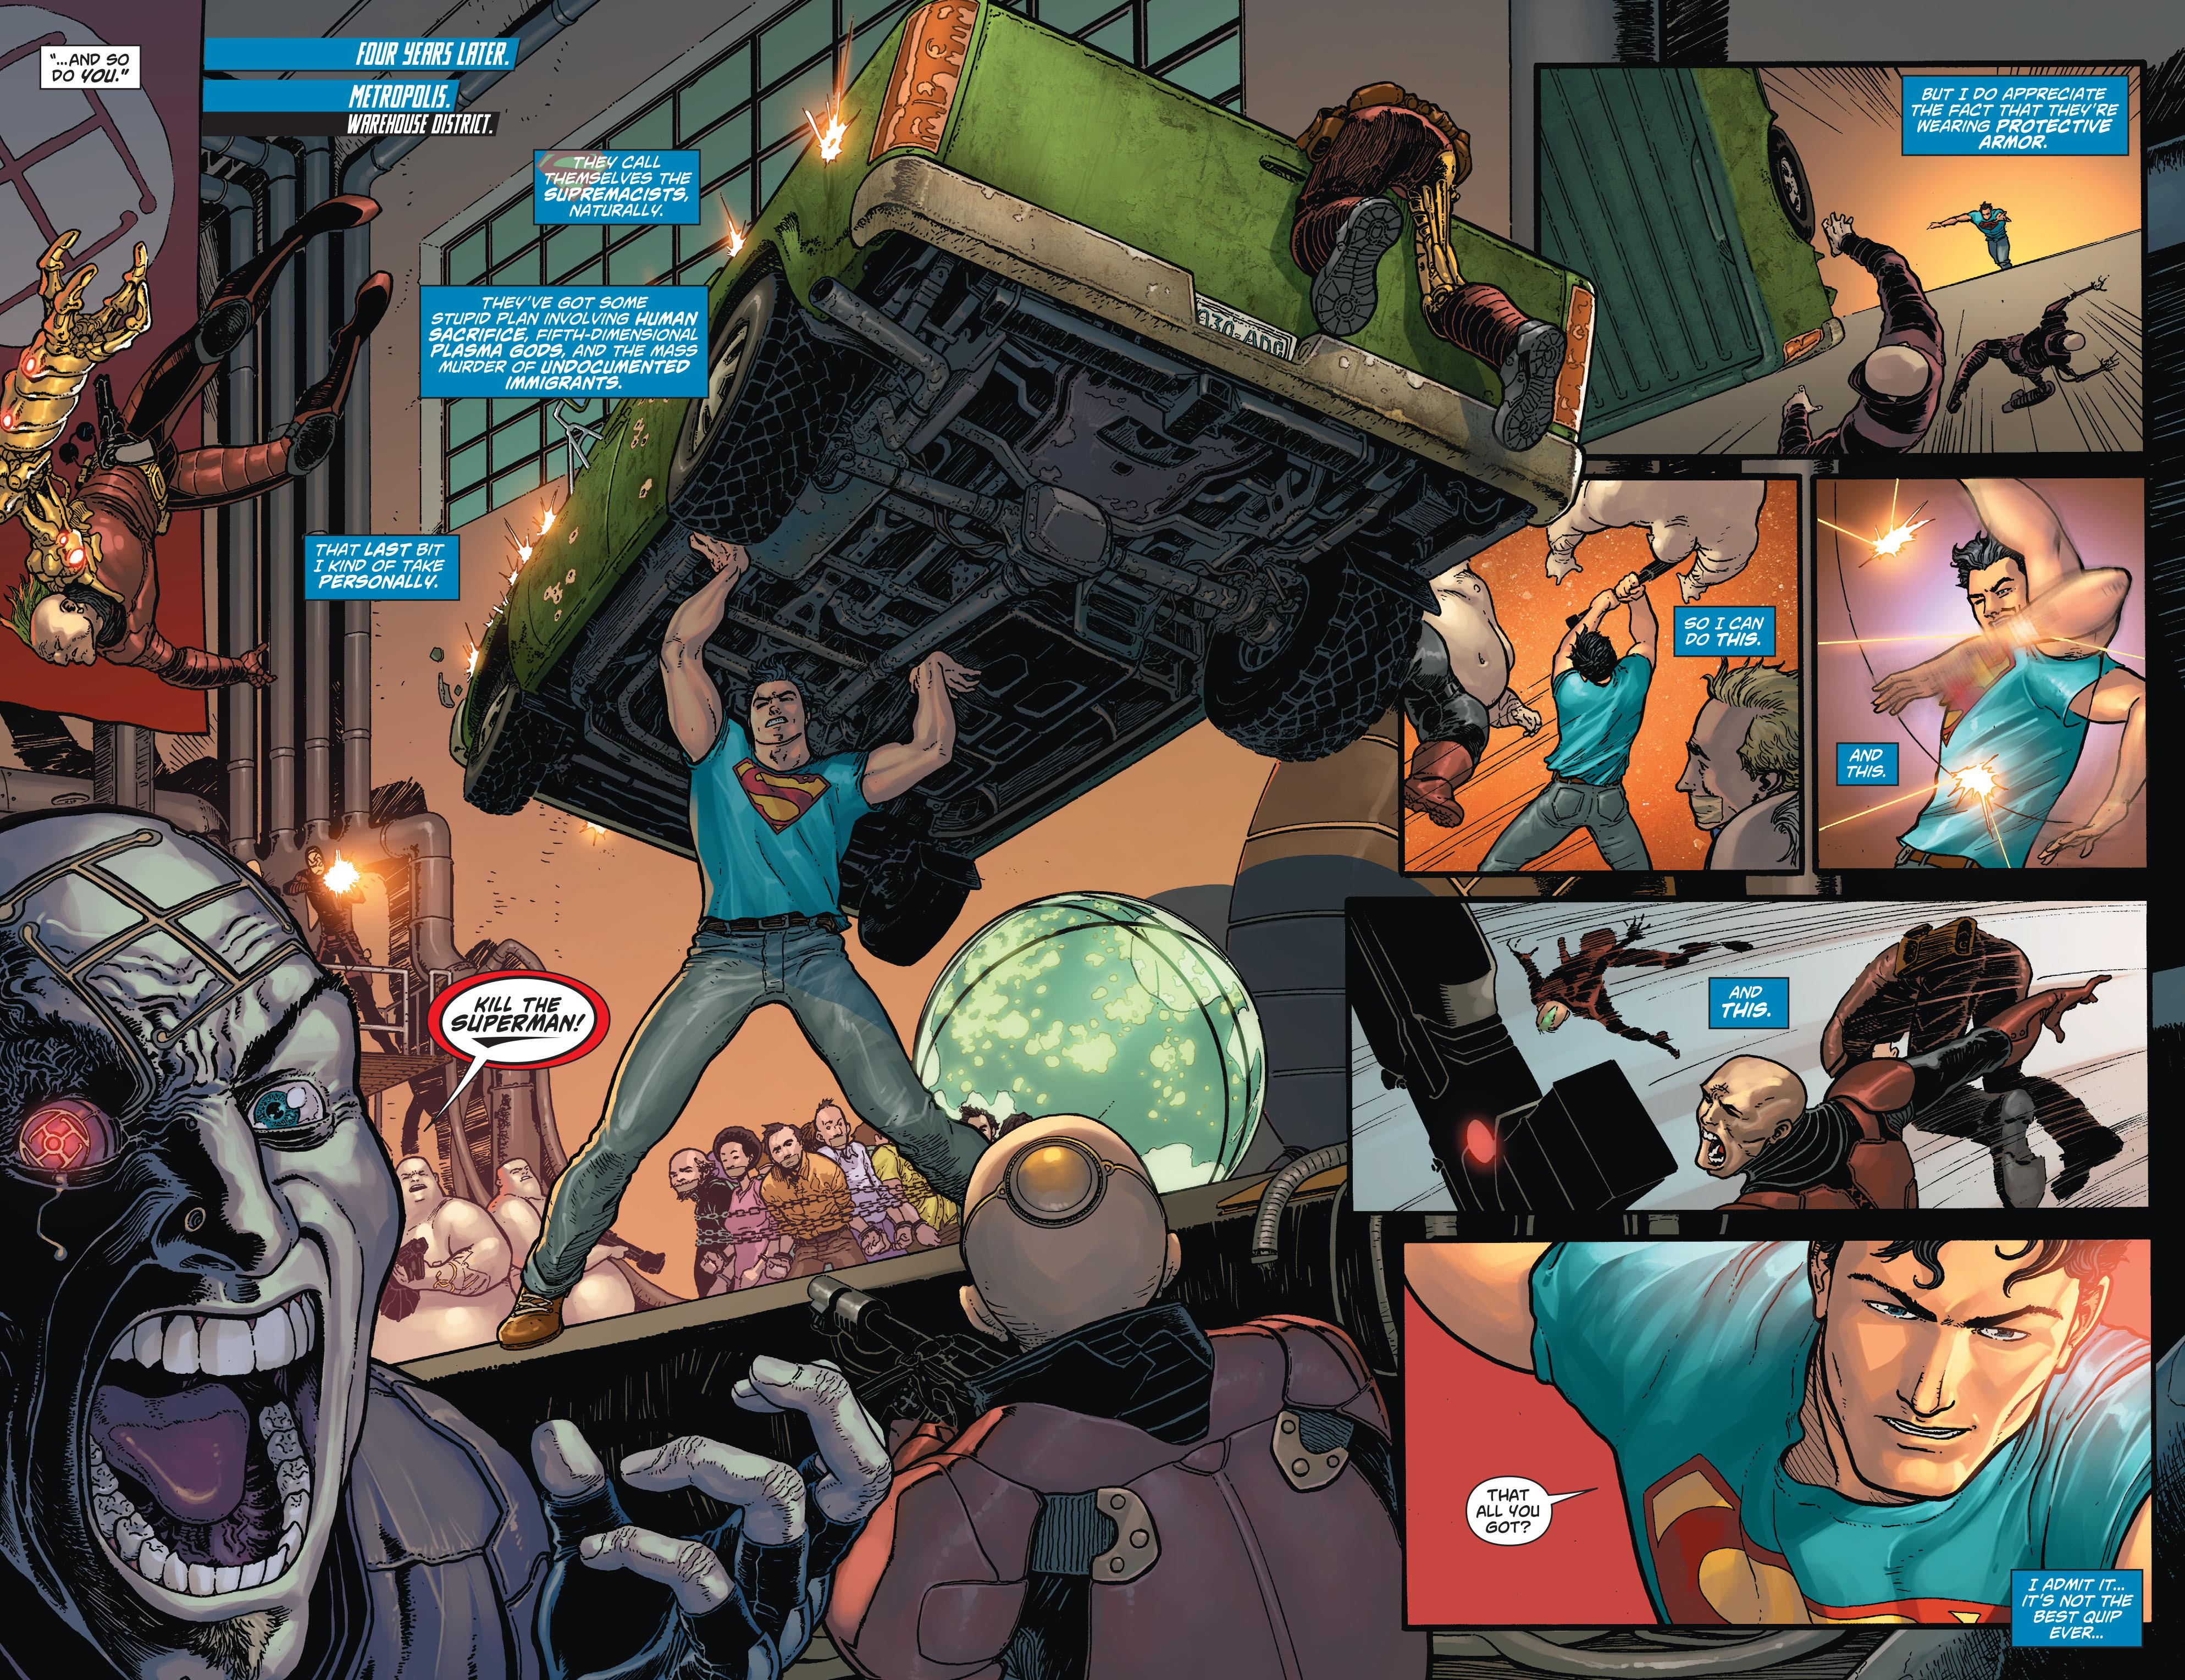 DC Comics: Zero Year chap tpb pic 62